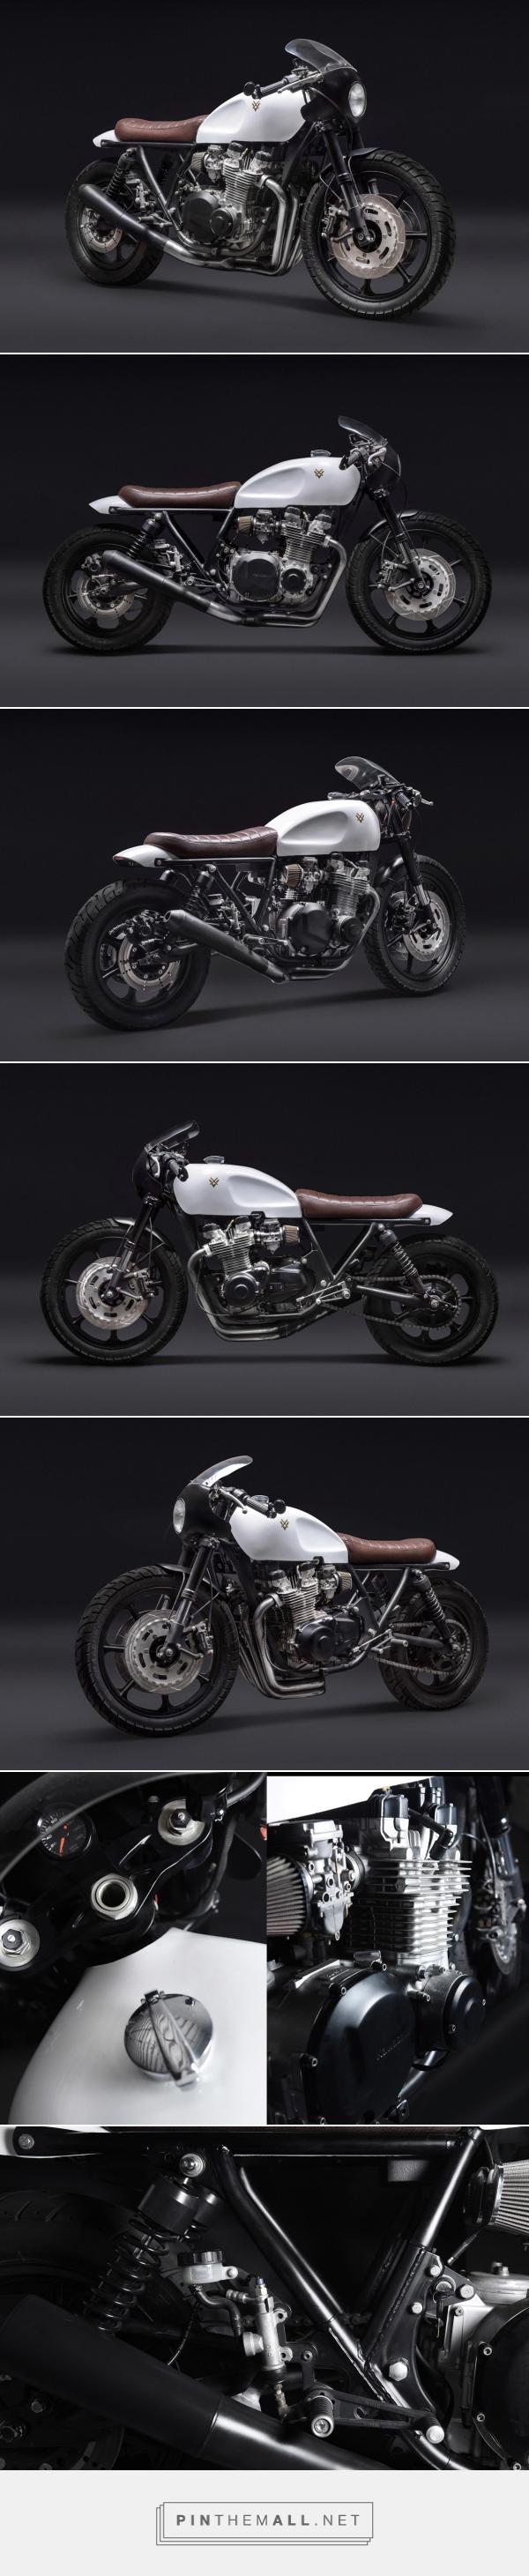 Customized 1984 Kawasaki KZ 1000 LTD